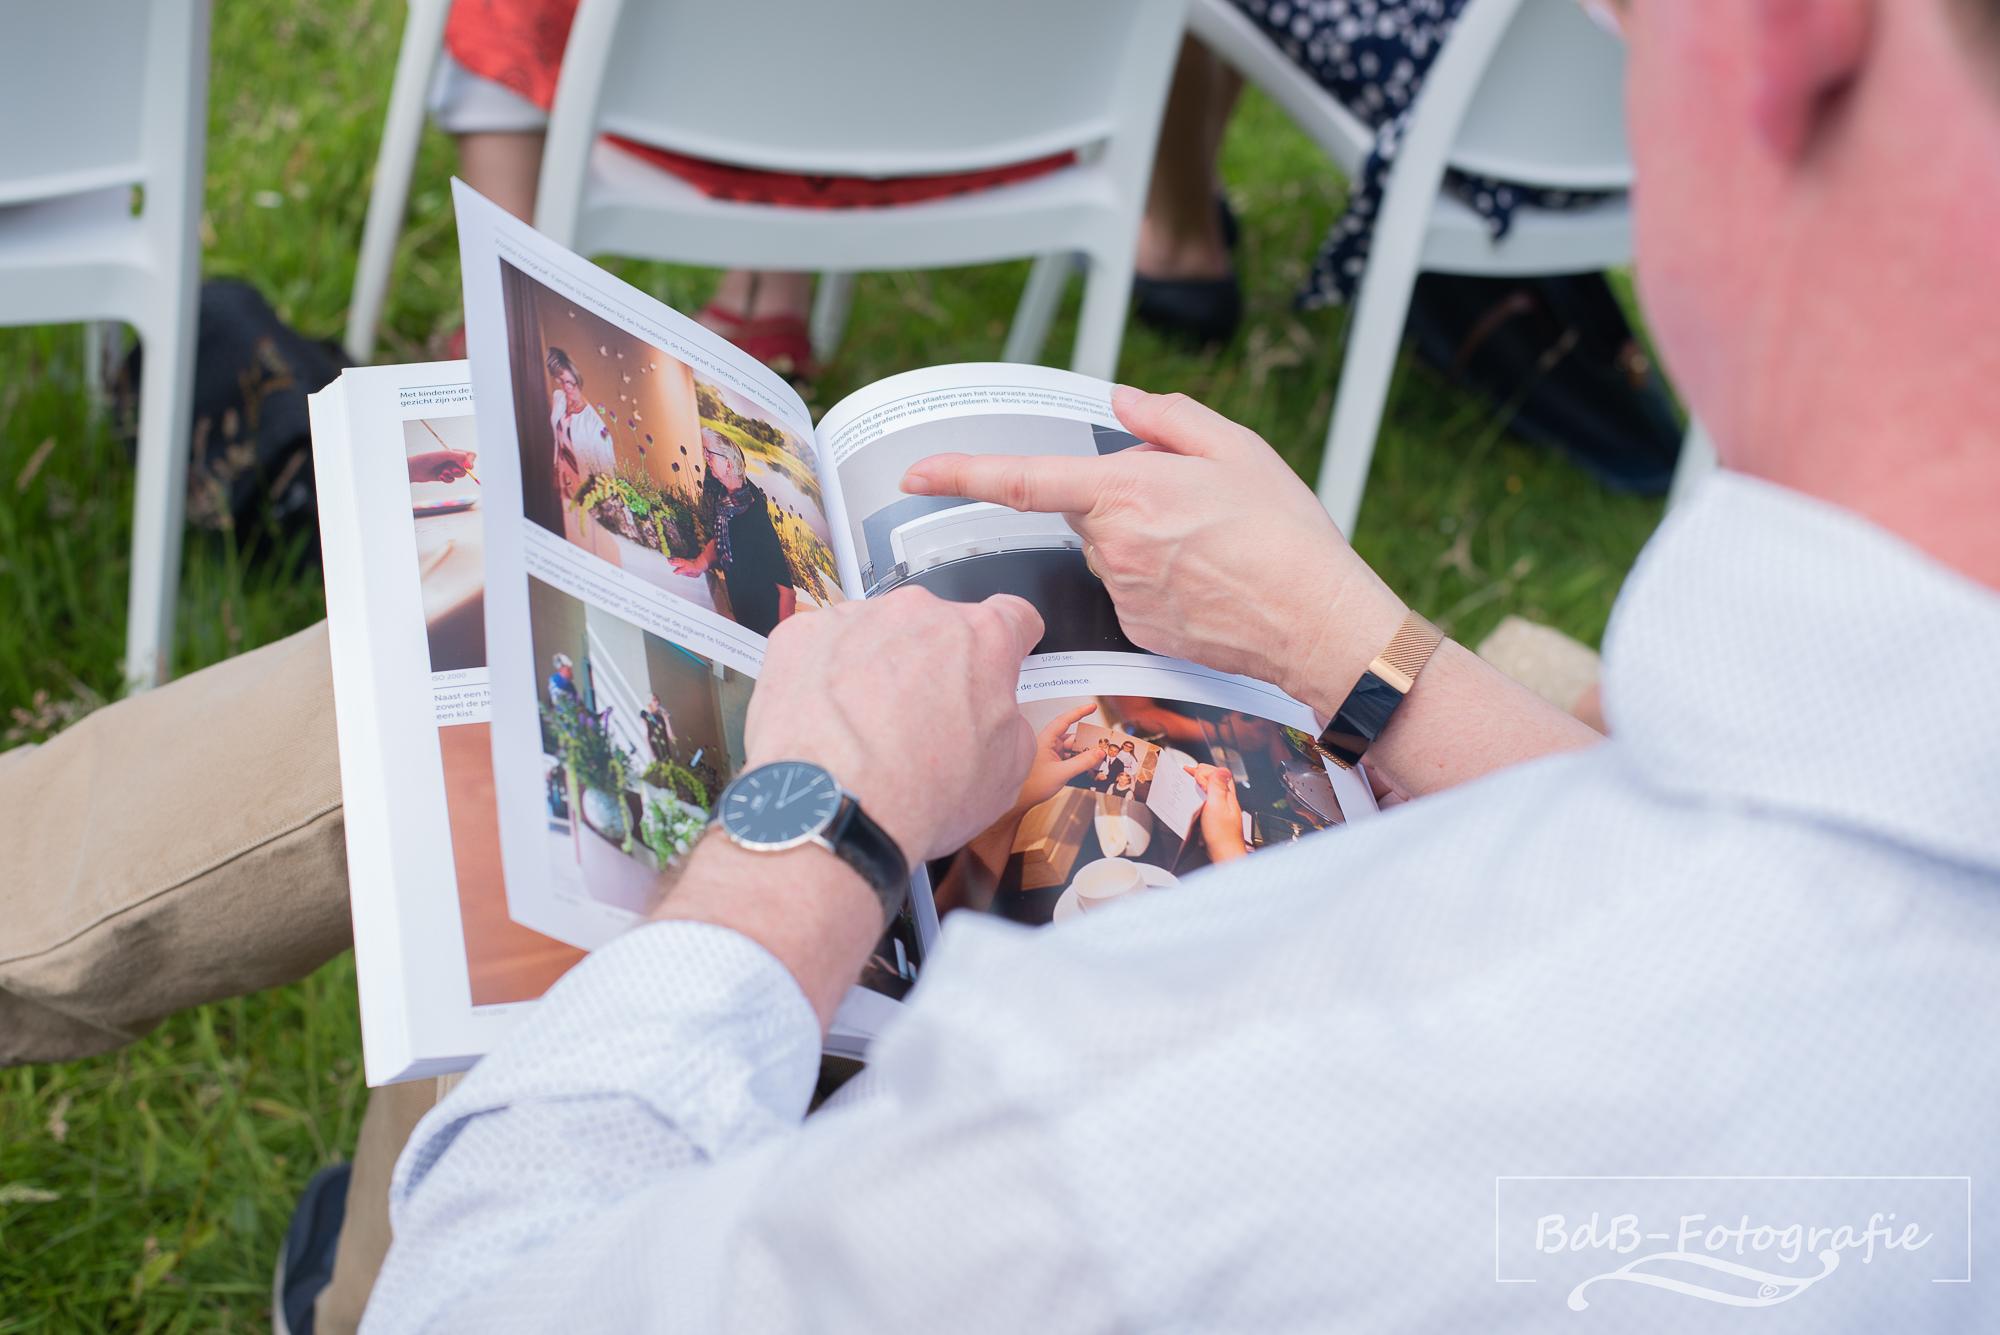 Boek wordt gelezen door niet-fotografen